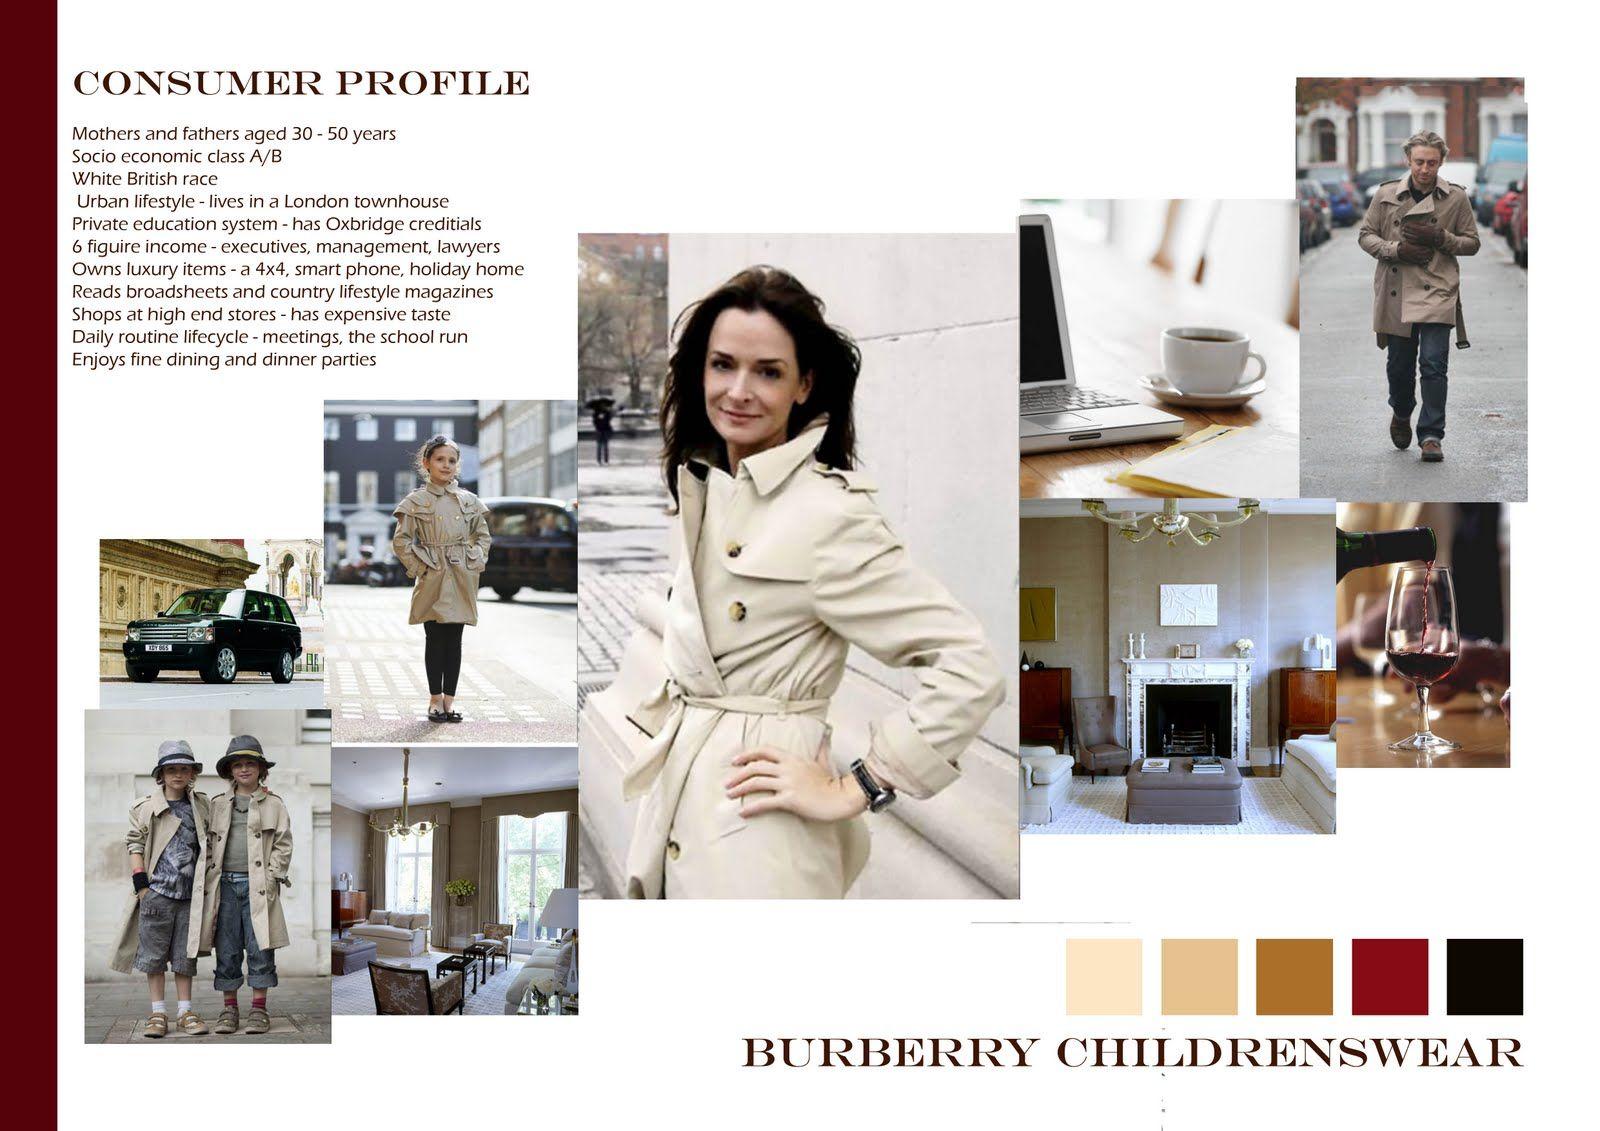 0864c8084c6dd8 Burberry Children's wear consumer profile | Culture Maps in 2019 ...